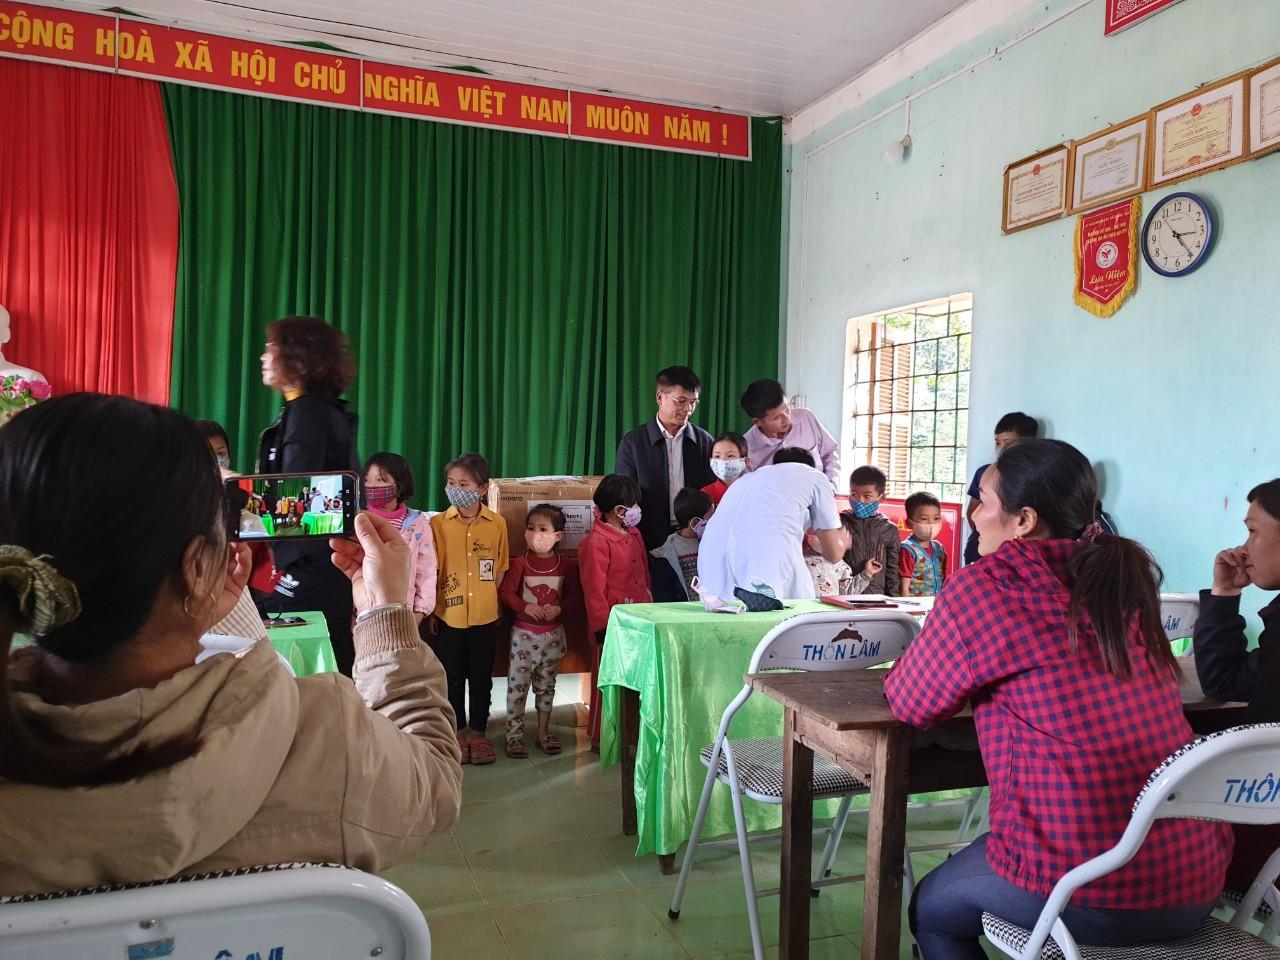 Công tác phòng, chống dịch bệnh Covid-19 đã được triển khai tại các xã vùng sâu, vùng xa của huyện Bắc Quang